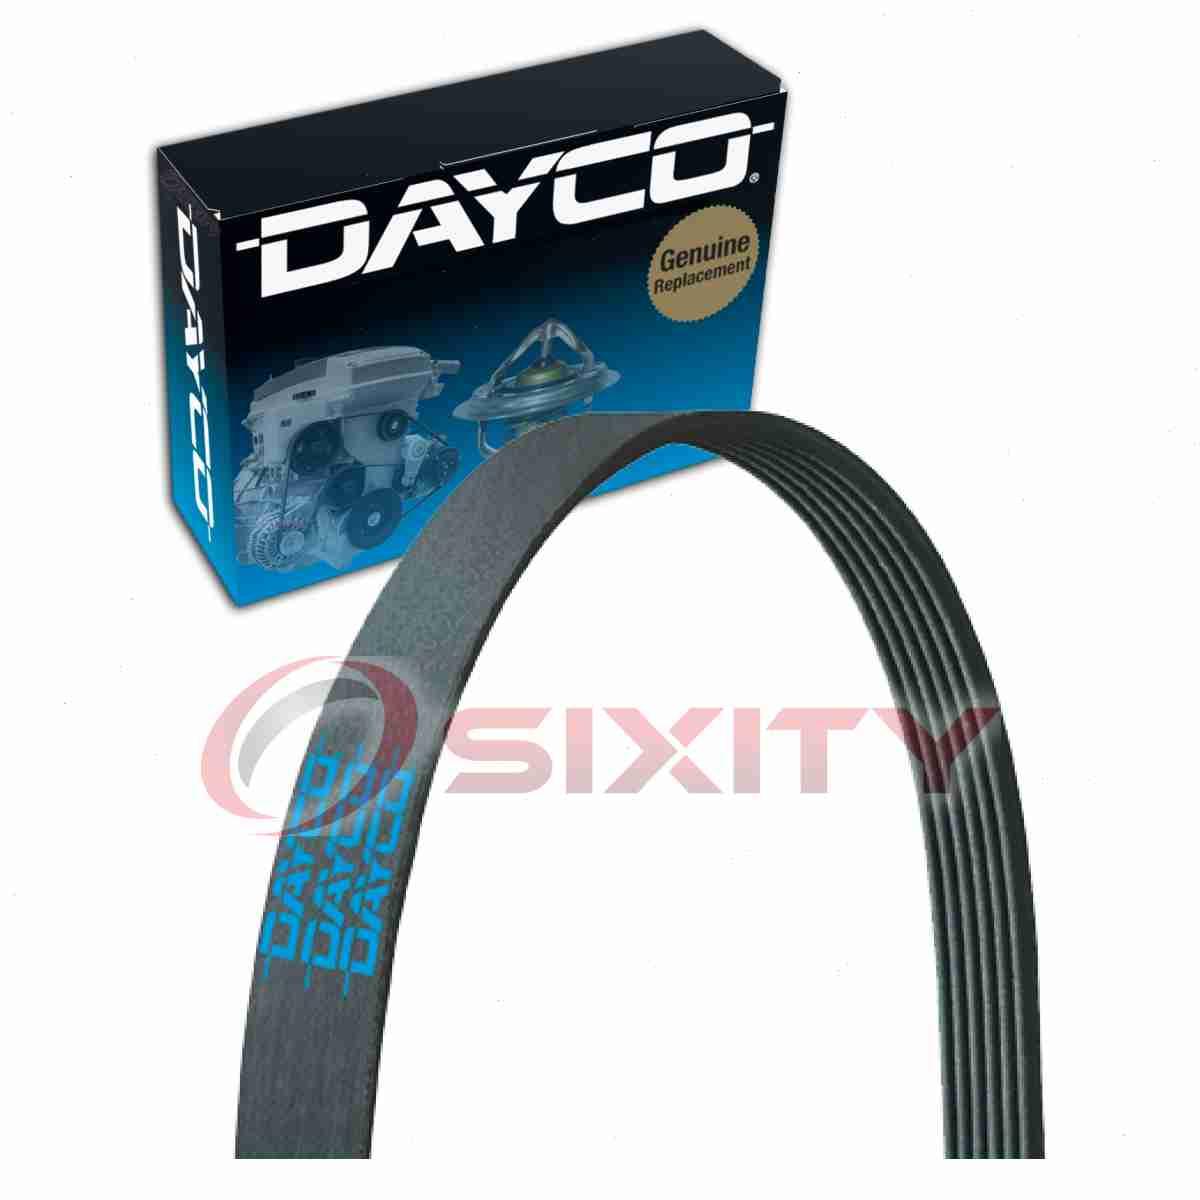 details about dayco serpentine belt for 2005-2011 volvo xc90 4 4l v8 - v  belt ribbed ky